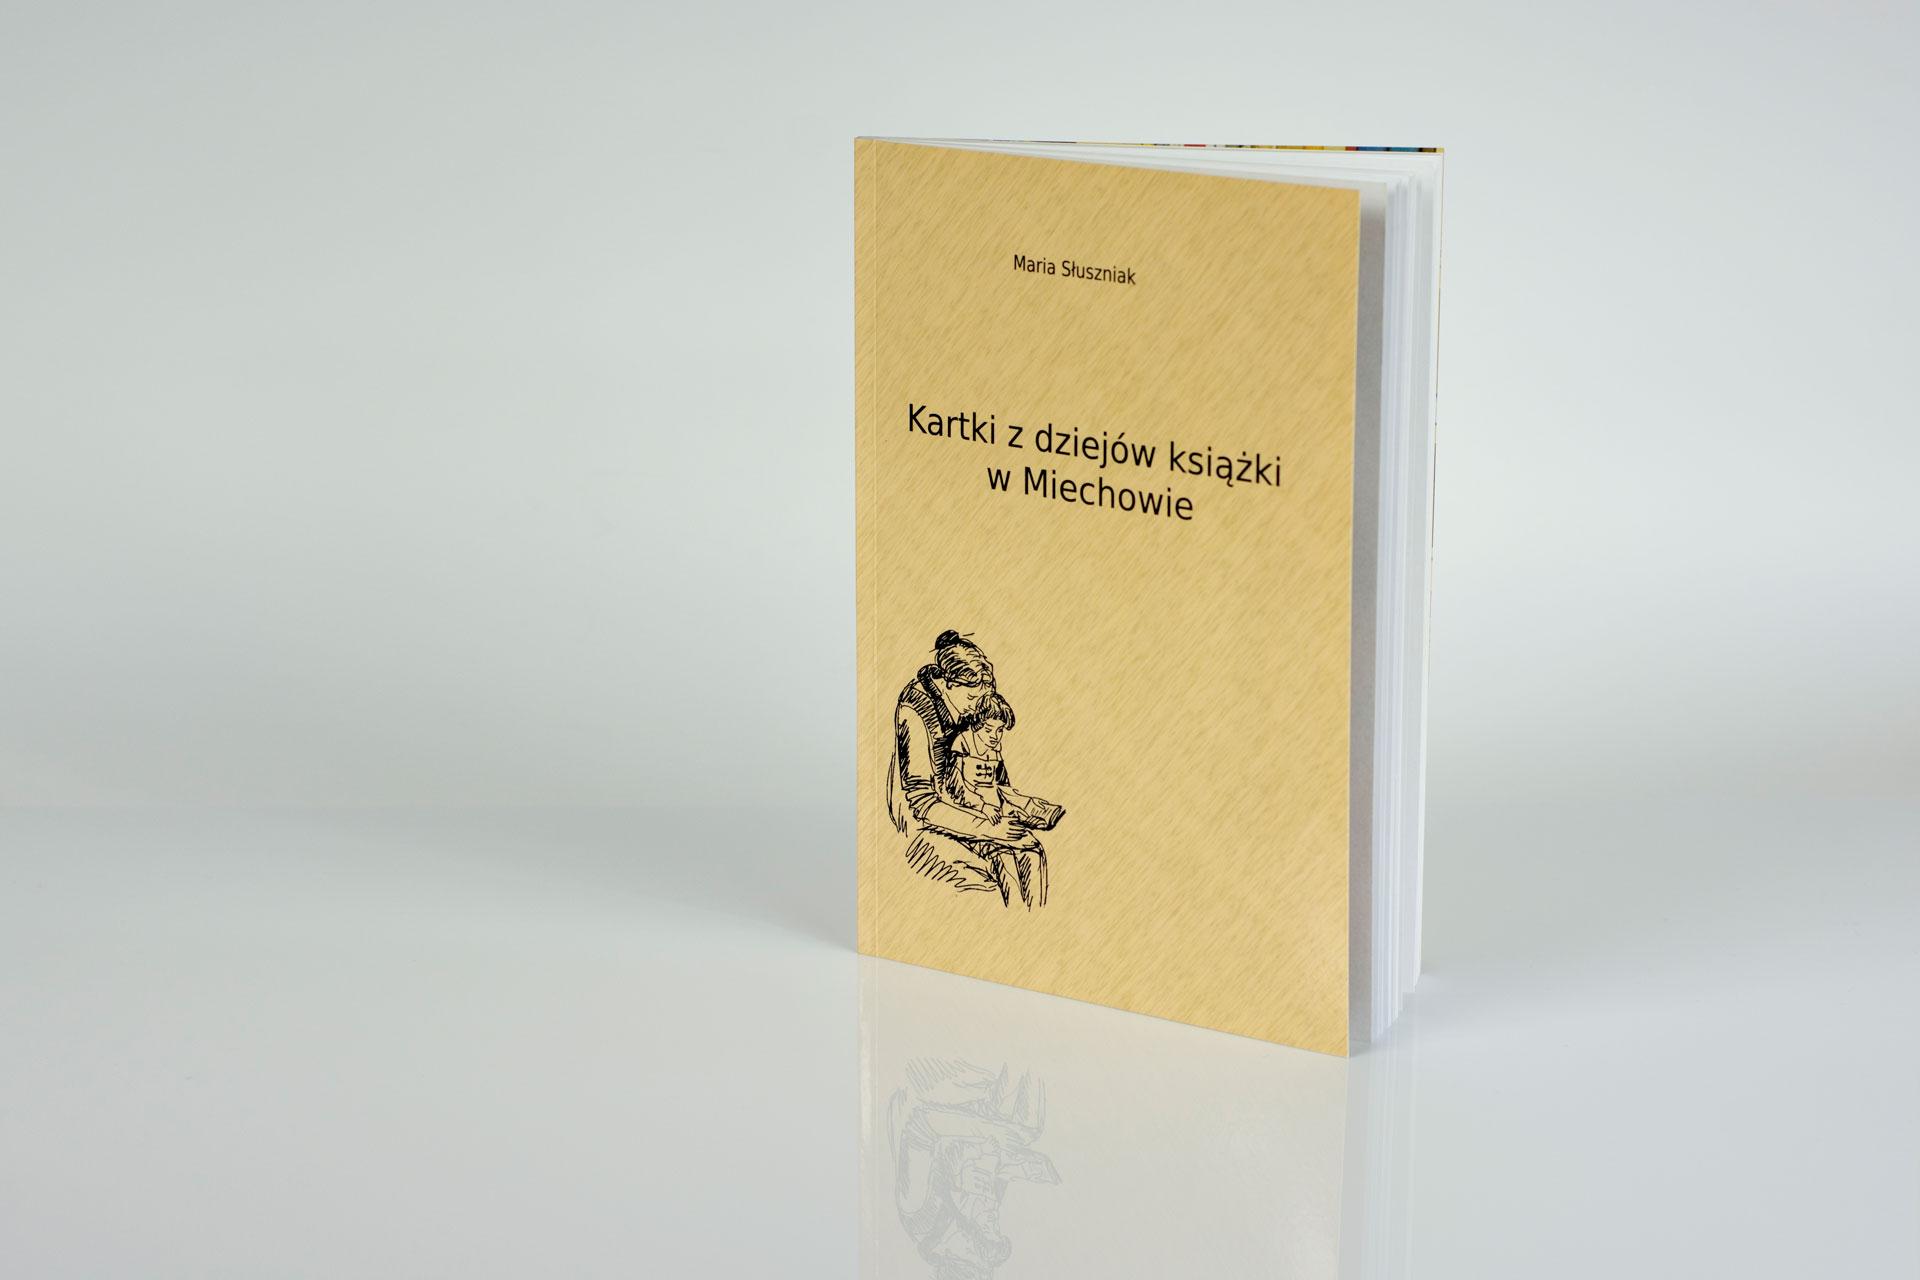 kartki z dziejów książki